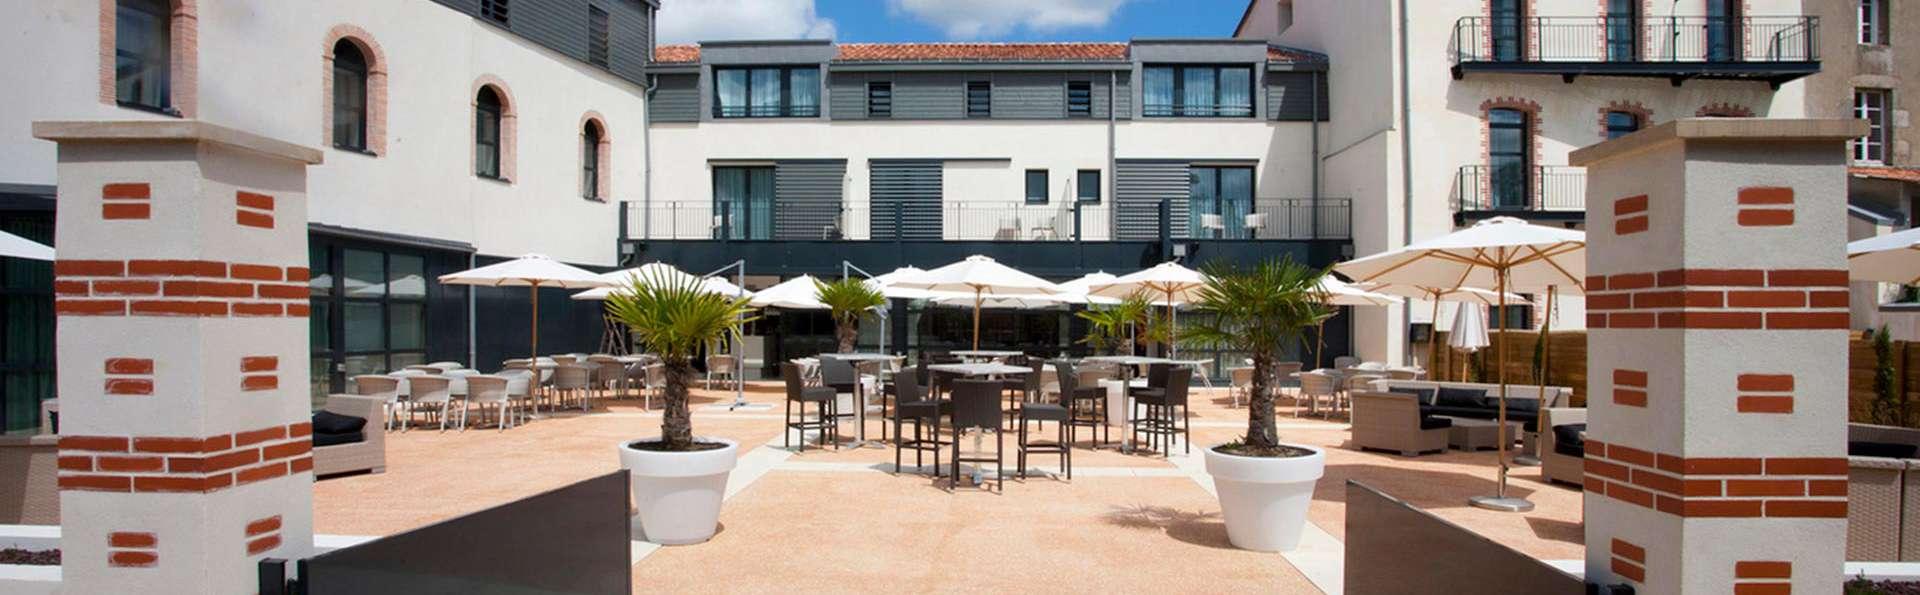 Best Western Plus Hôtel et Spa Villa Saint Antoine - edit_patio2.jpg